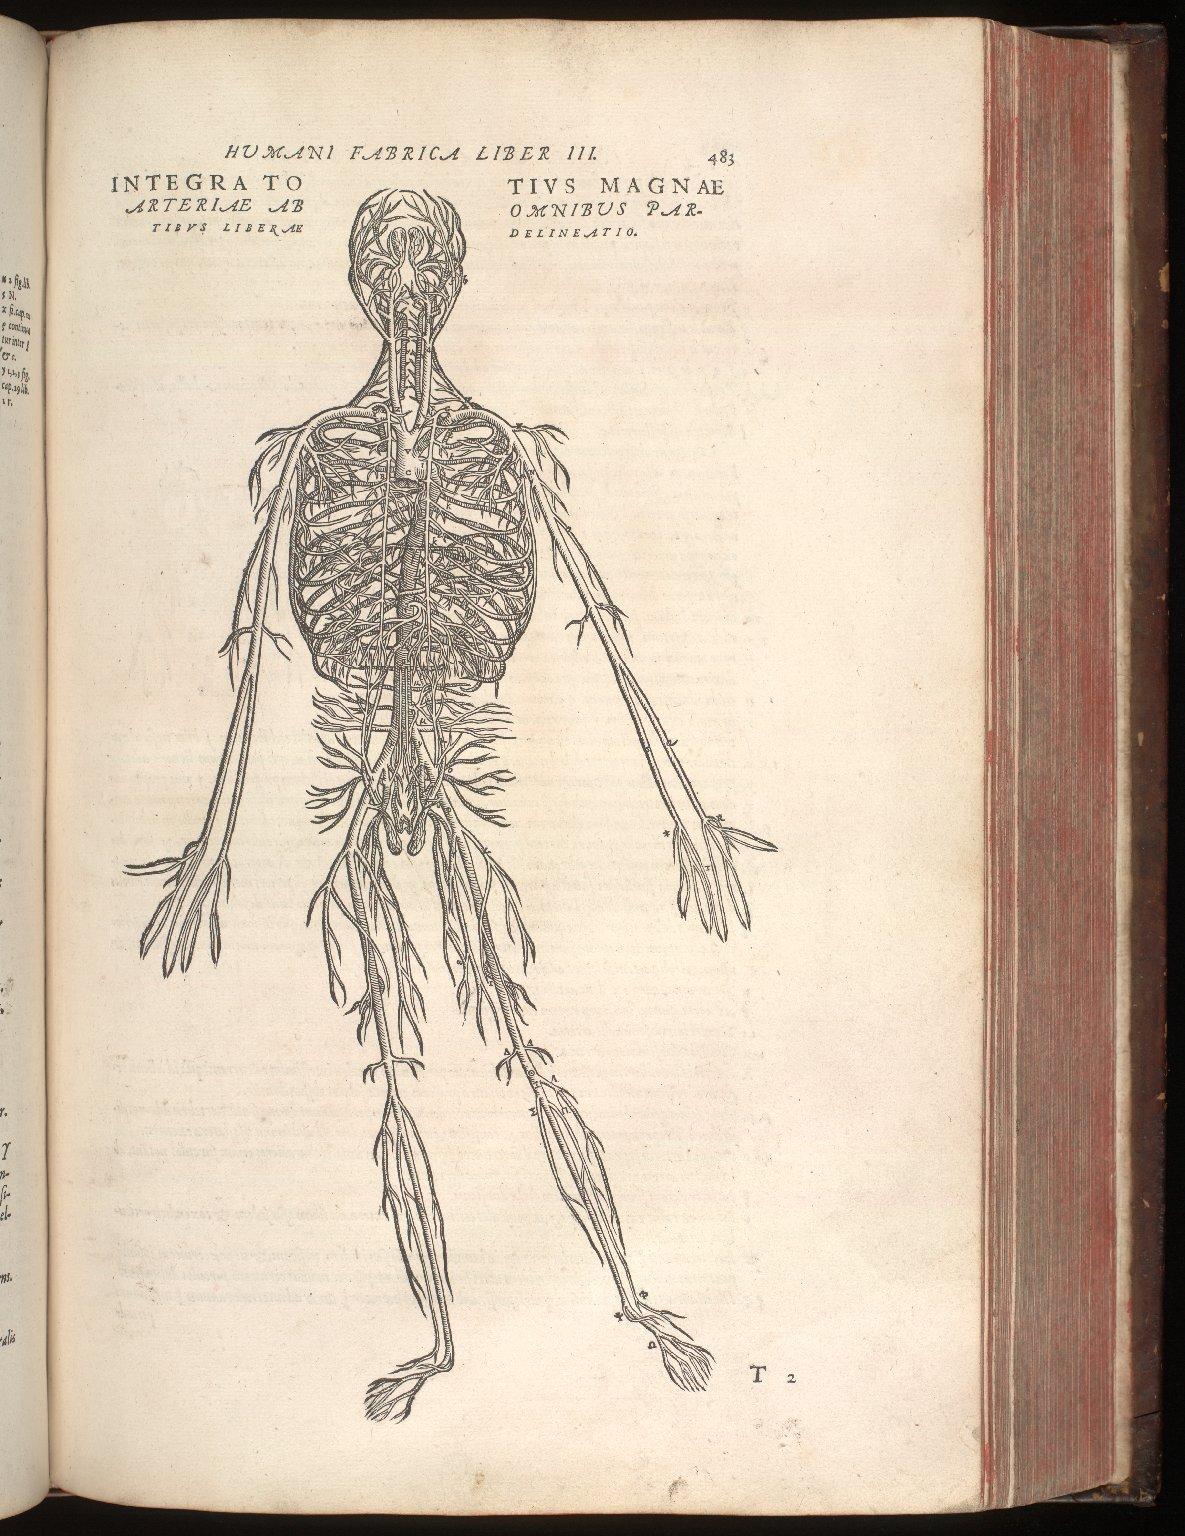 Integra totius magnae arteriae ab omnibus